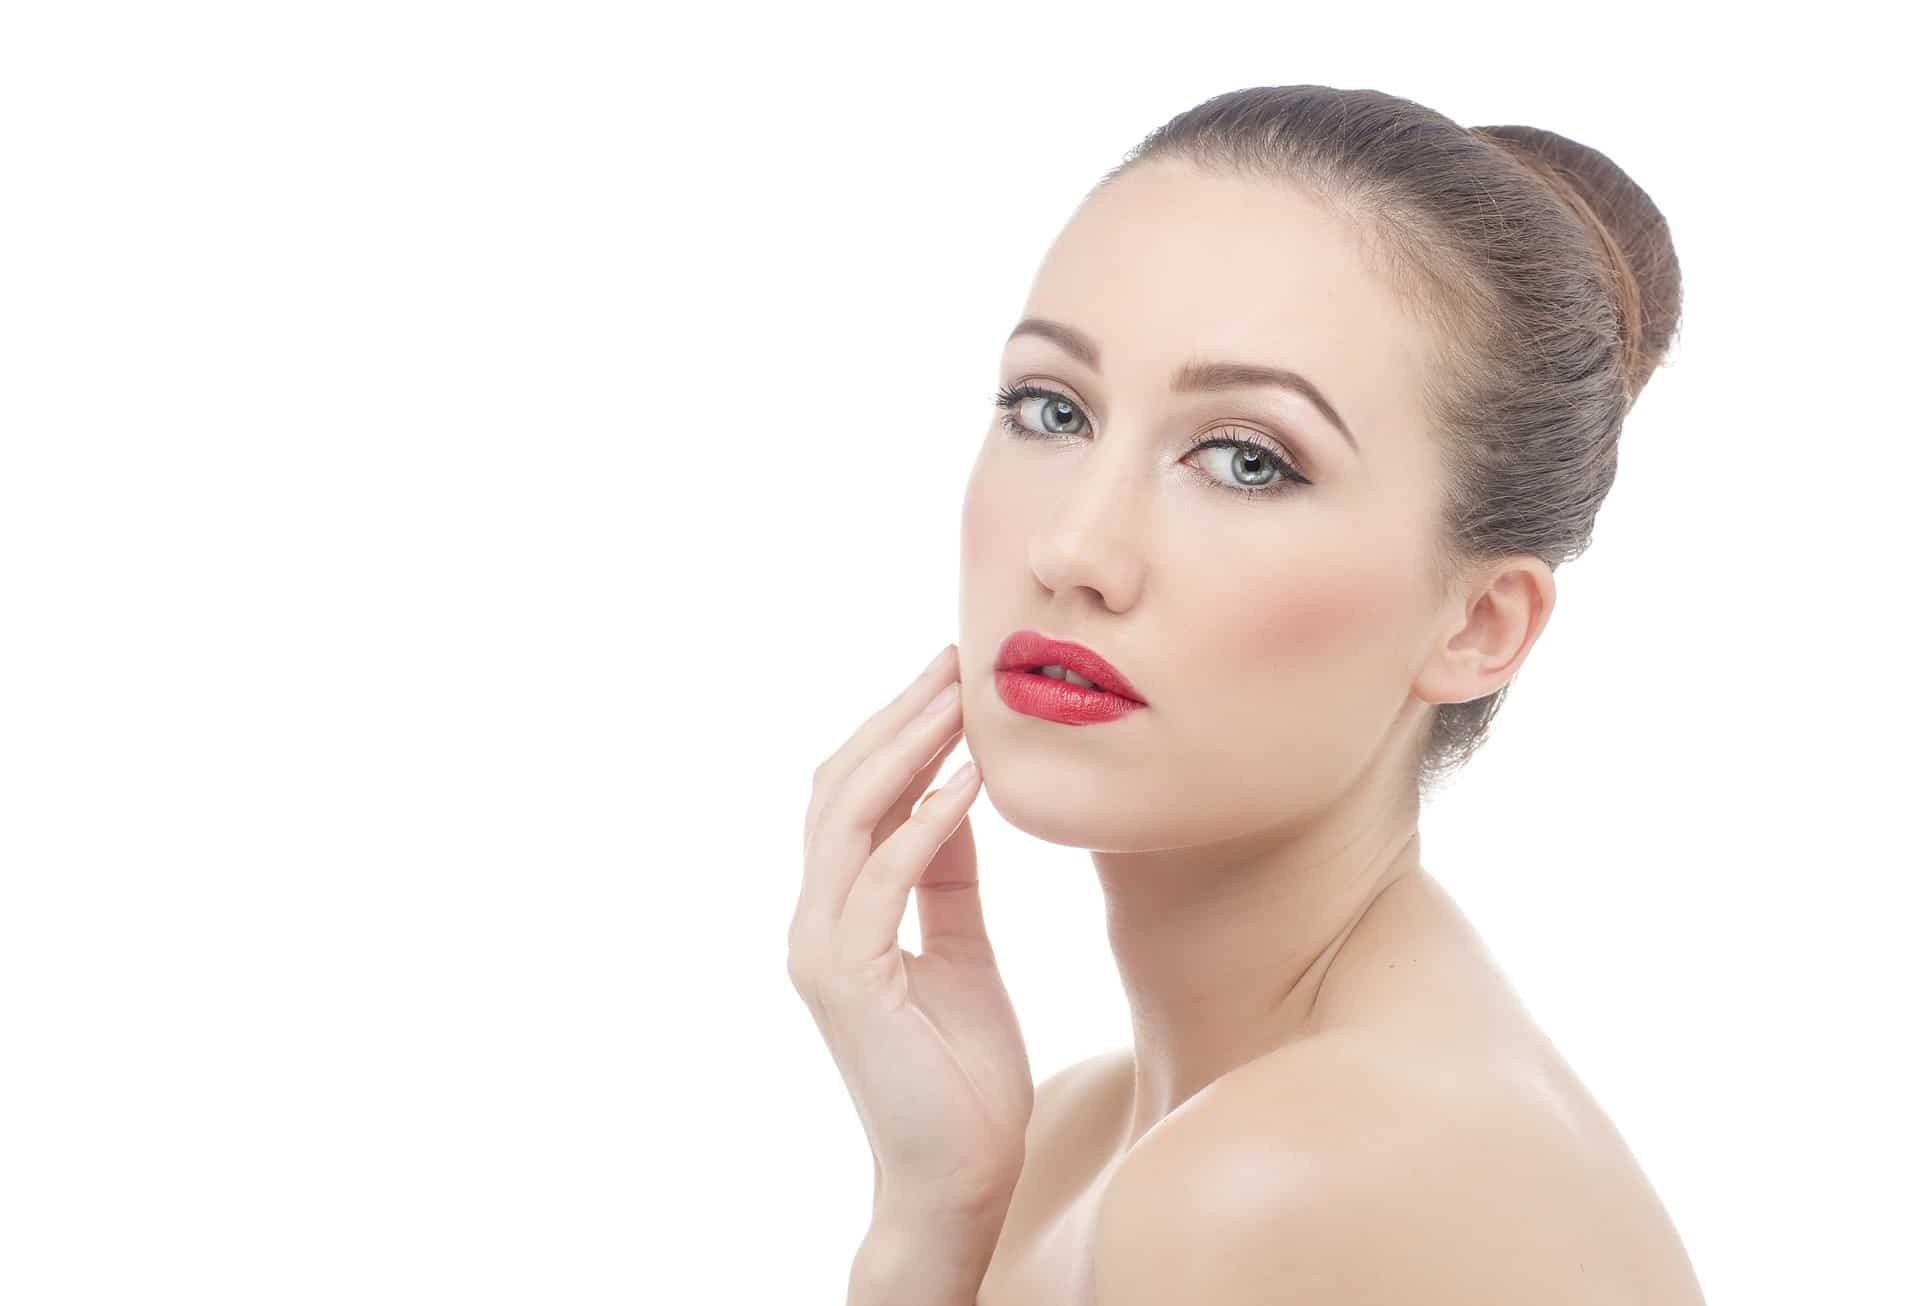 6 étapes pour faire nettoyer son visage DIY